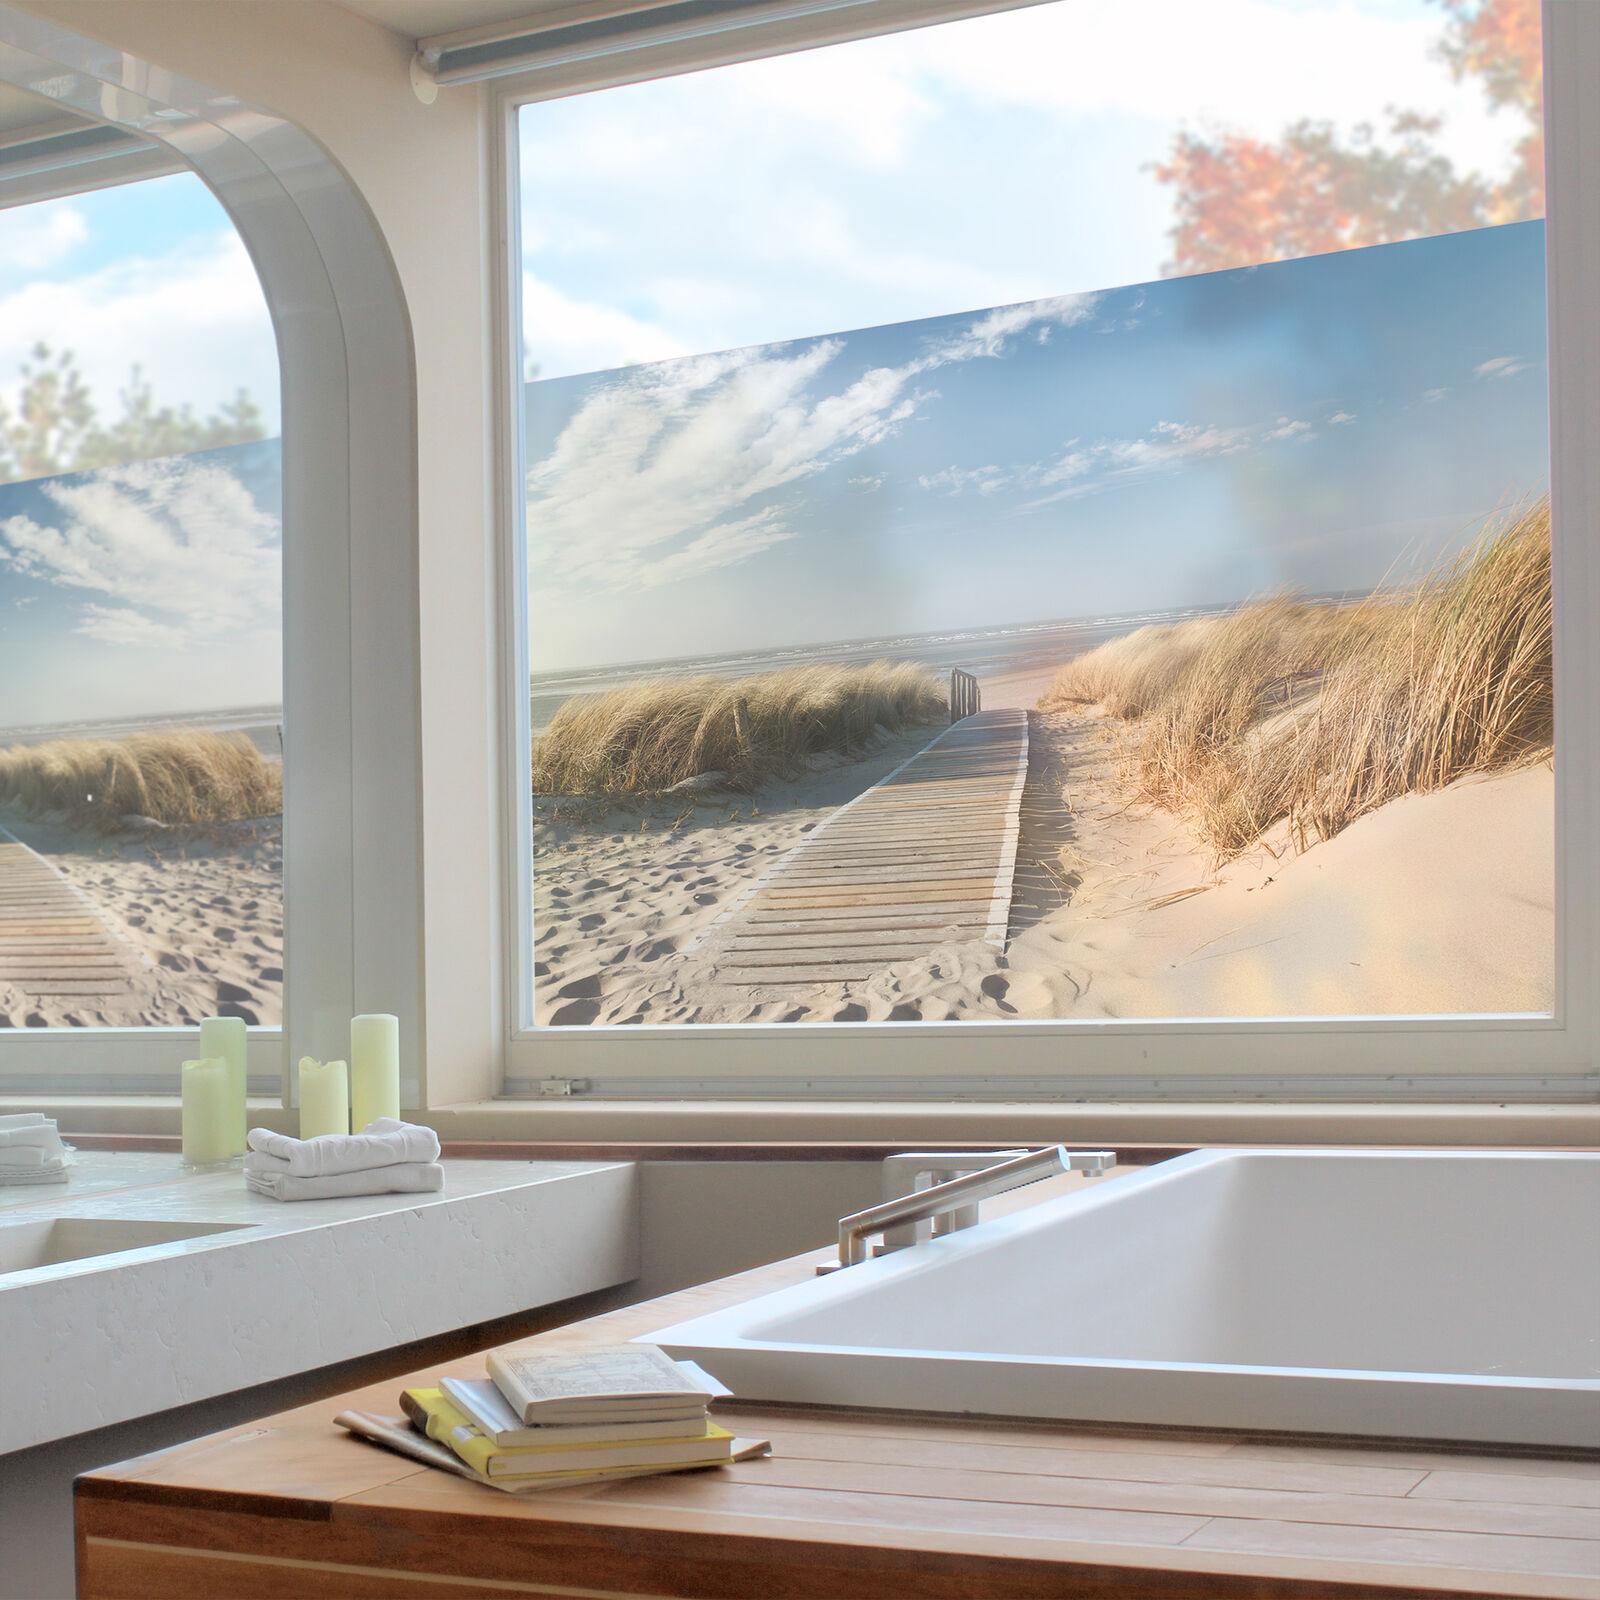 Full Size of Fensterfolie Entfernen Youtube Blasen Fensterfolien Wien Statische Ikea Obi Fenster Folie Bauhaus Kosten Fliegengitter Weru Preise Drutex Austauschen Fenster Fenster Folie